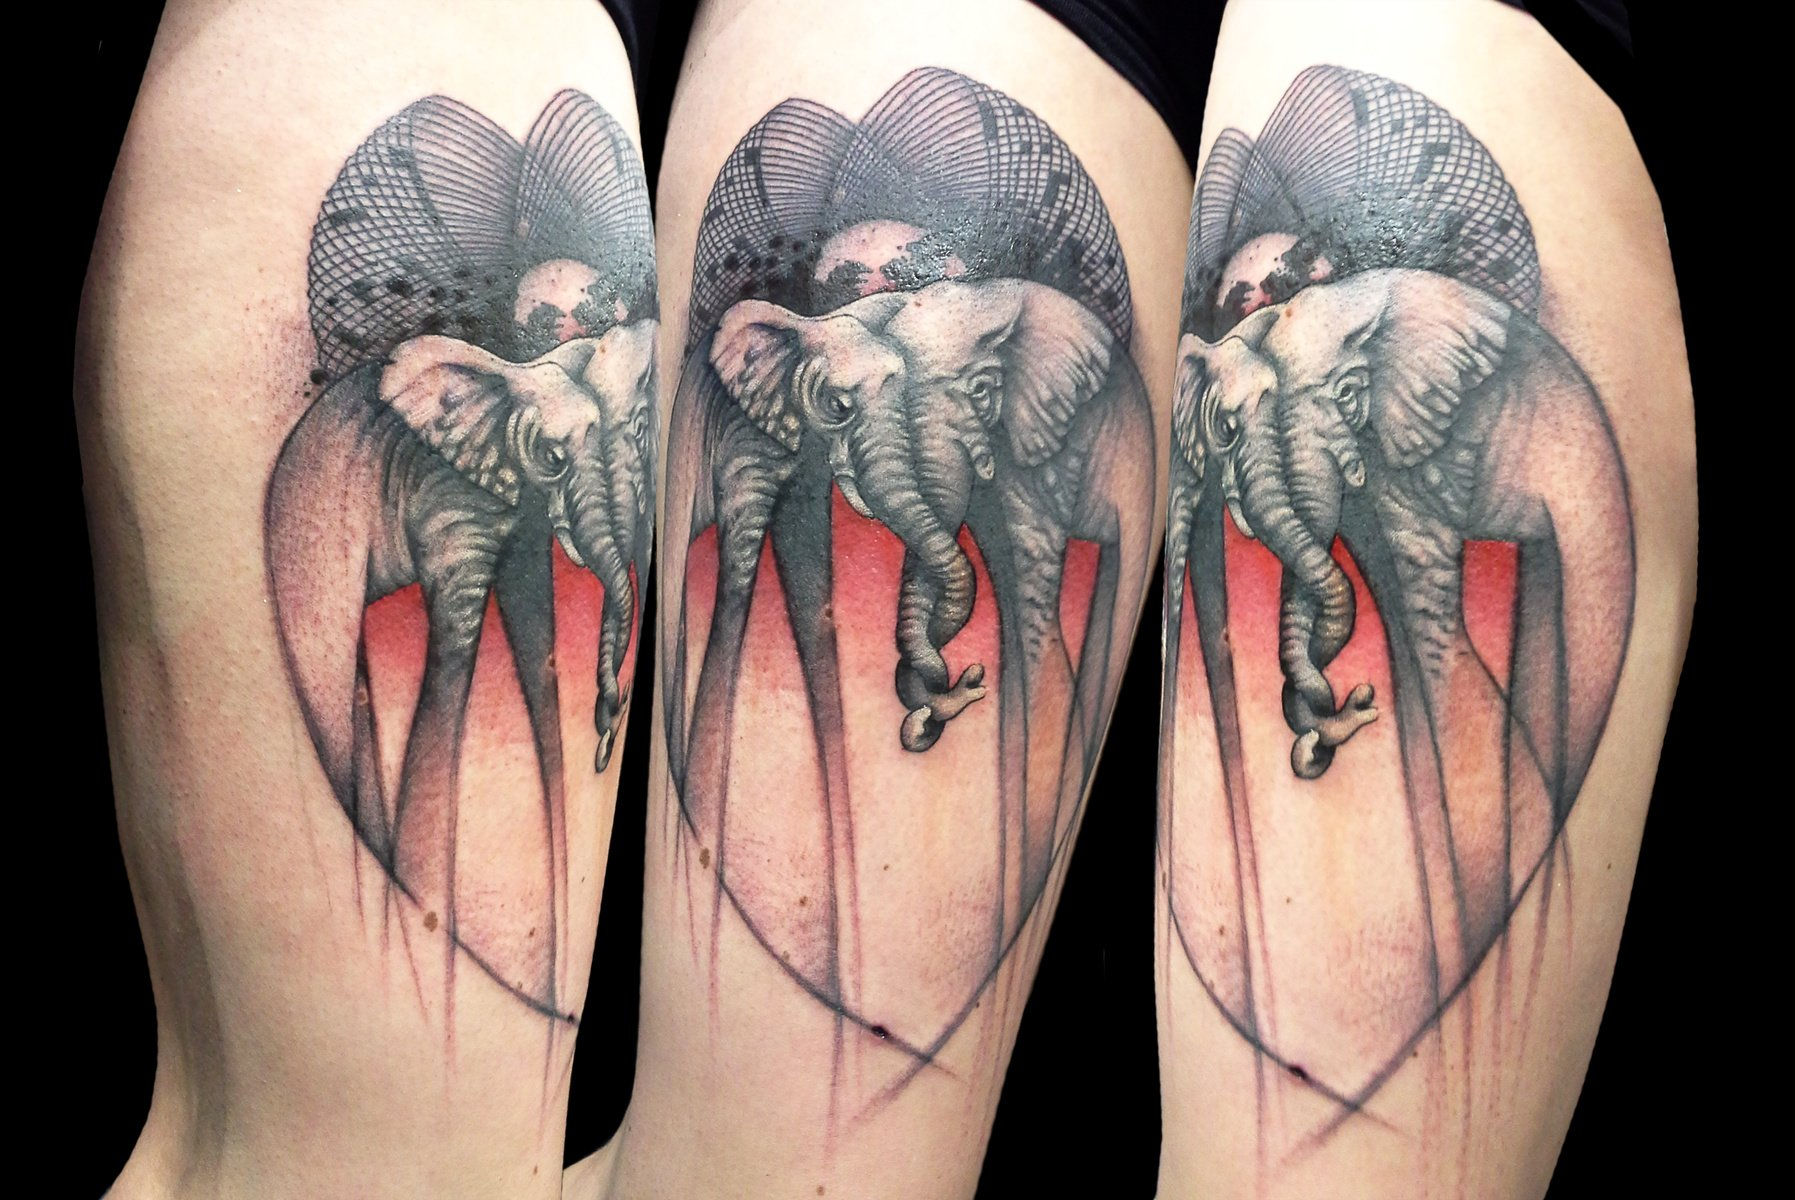 Tatuaje de elefantes enamorados